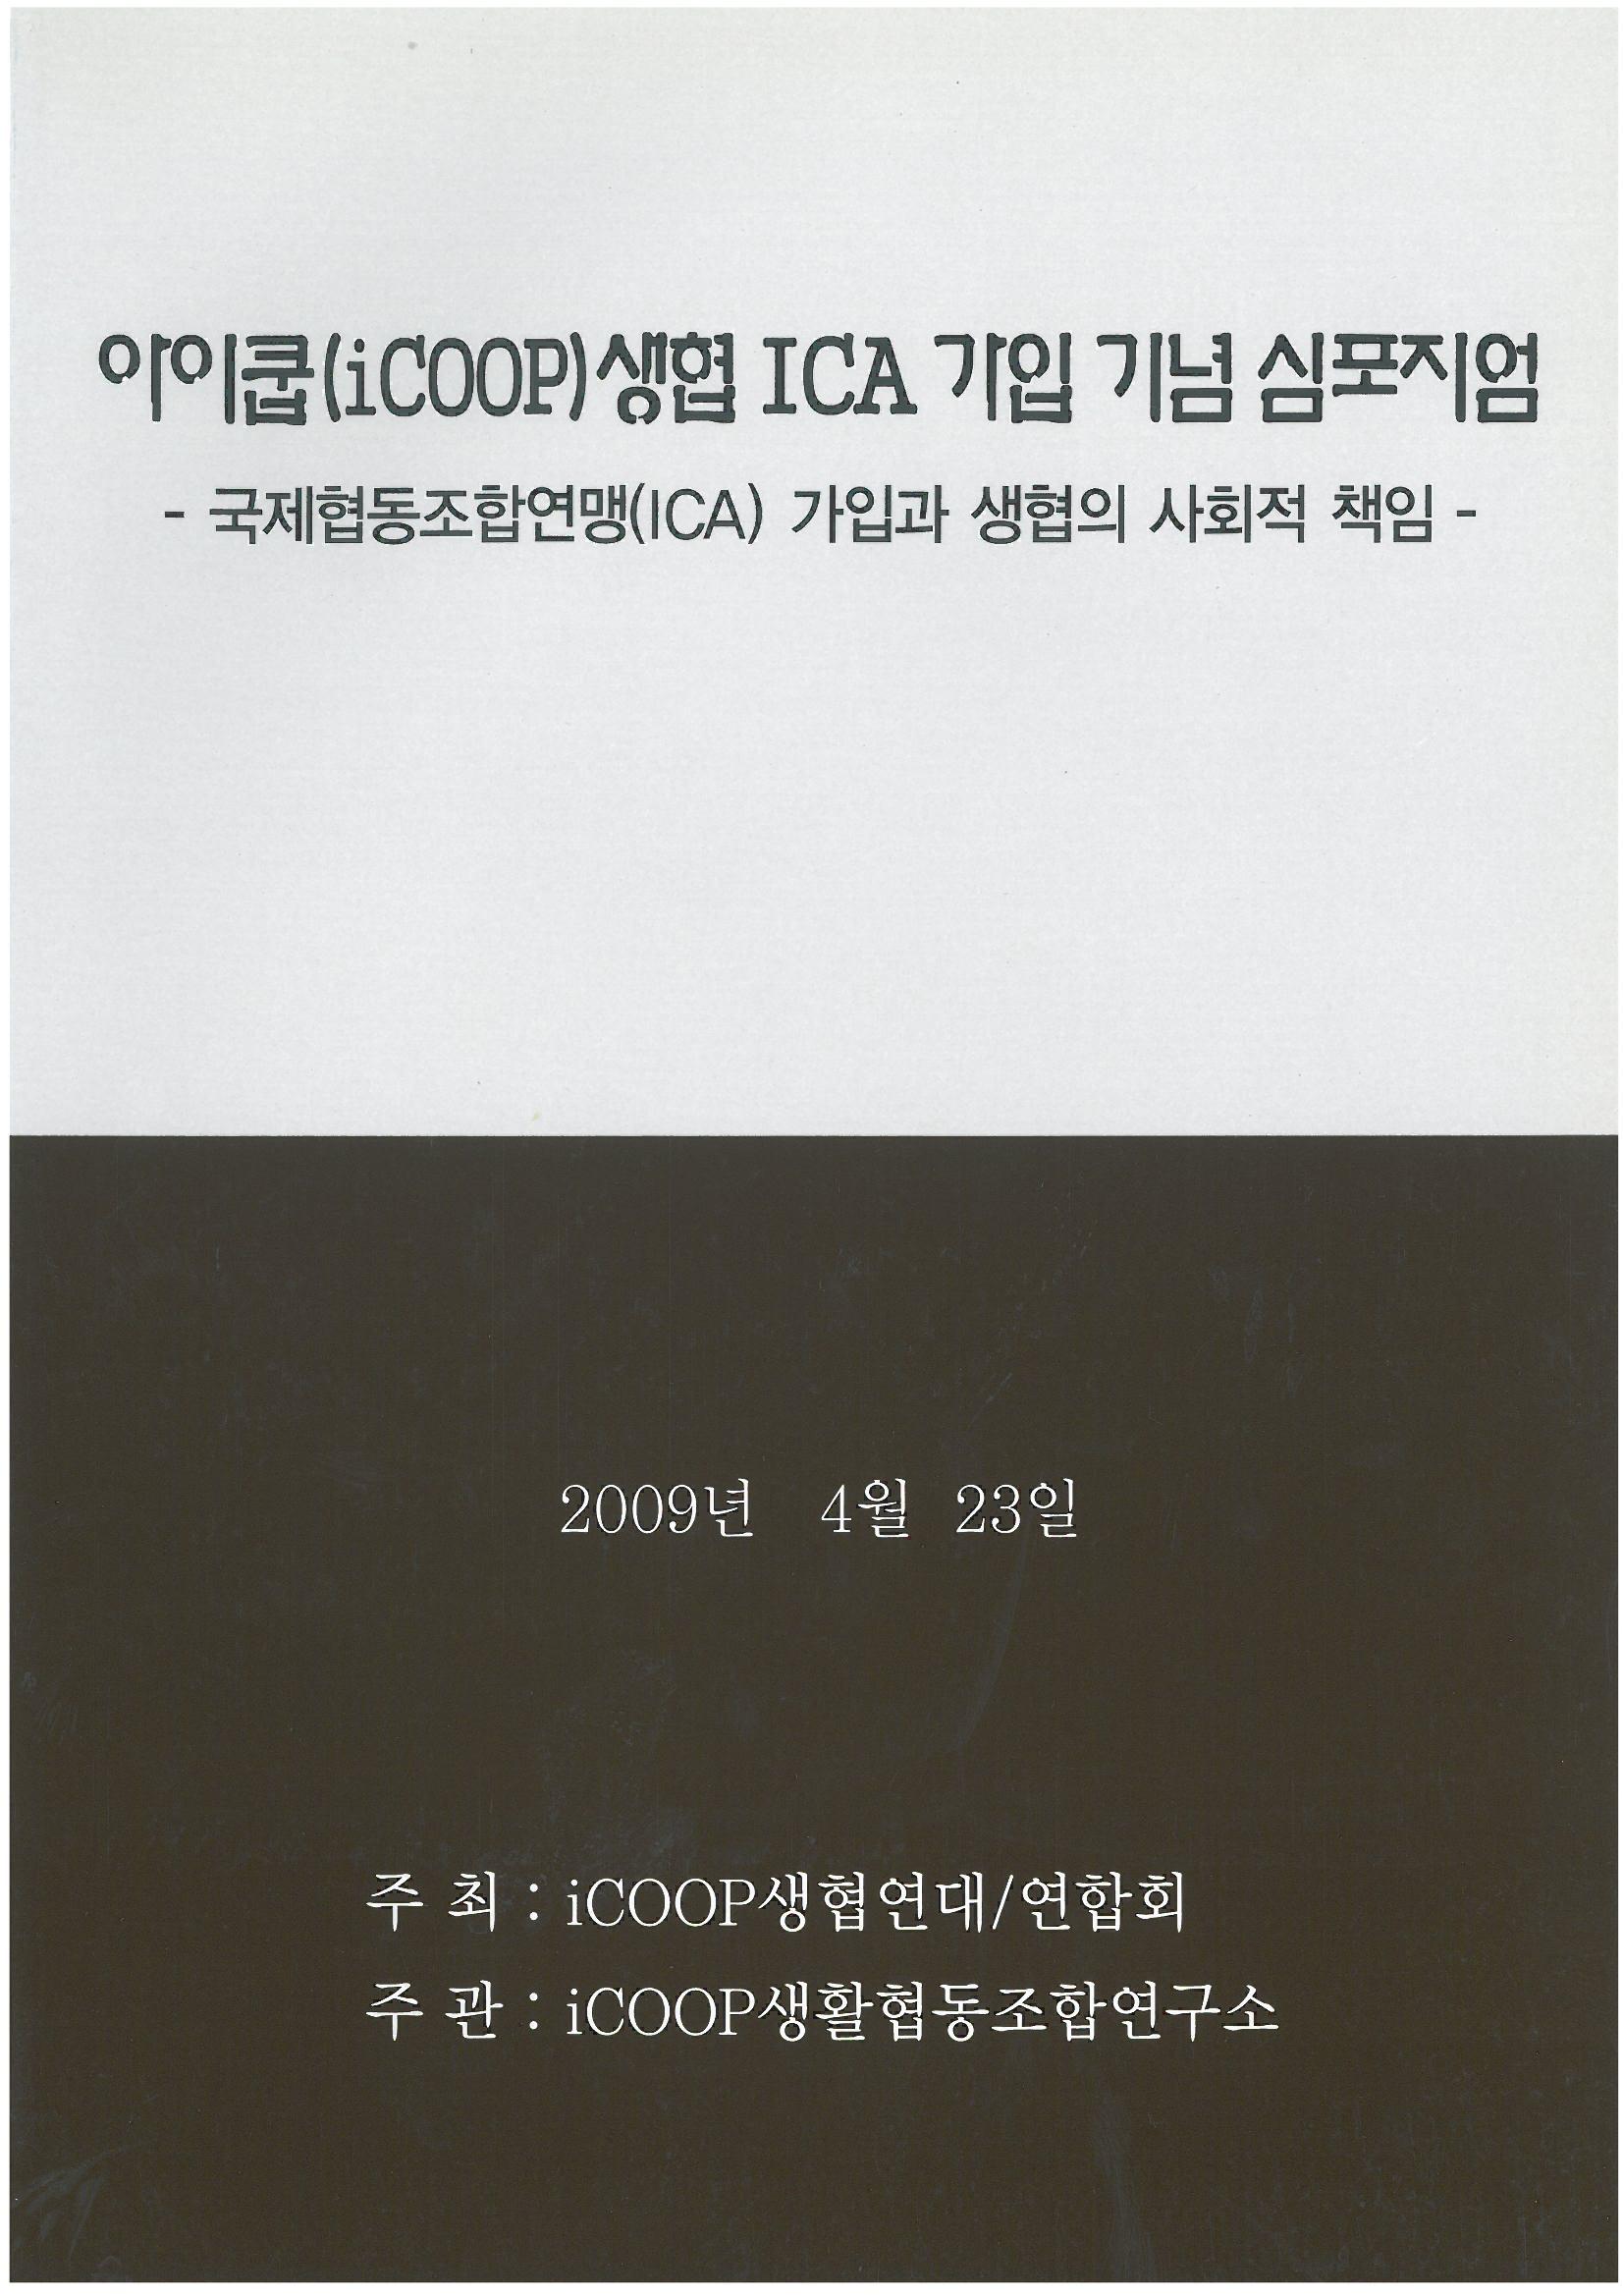 31_(iCOOP생협 ICA가입기념 심포지엄 자료집) 『국제협동조합연맹(ICA) 가입과 생협의 사회적책임』.jpg